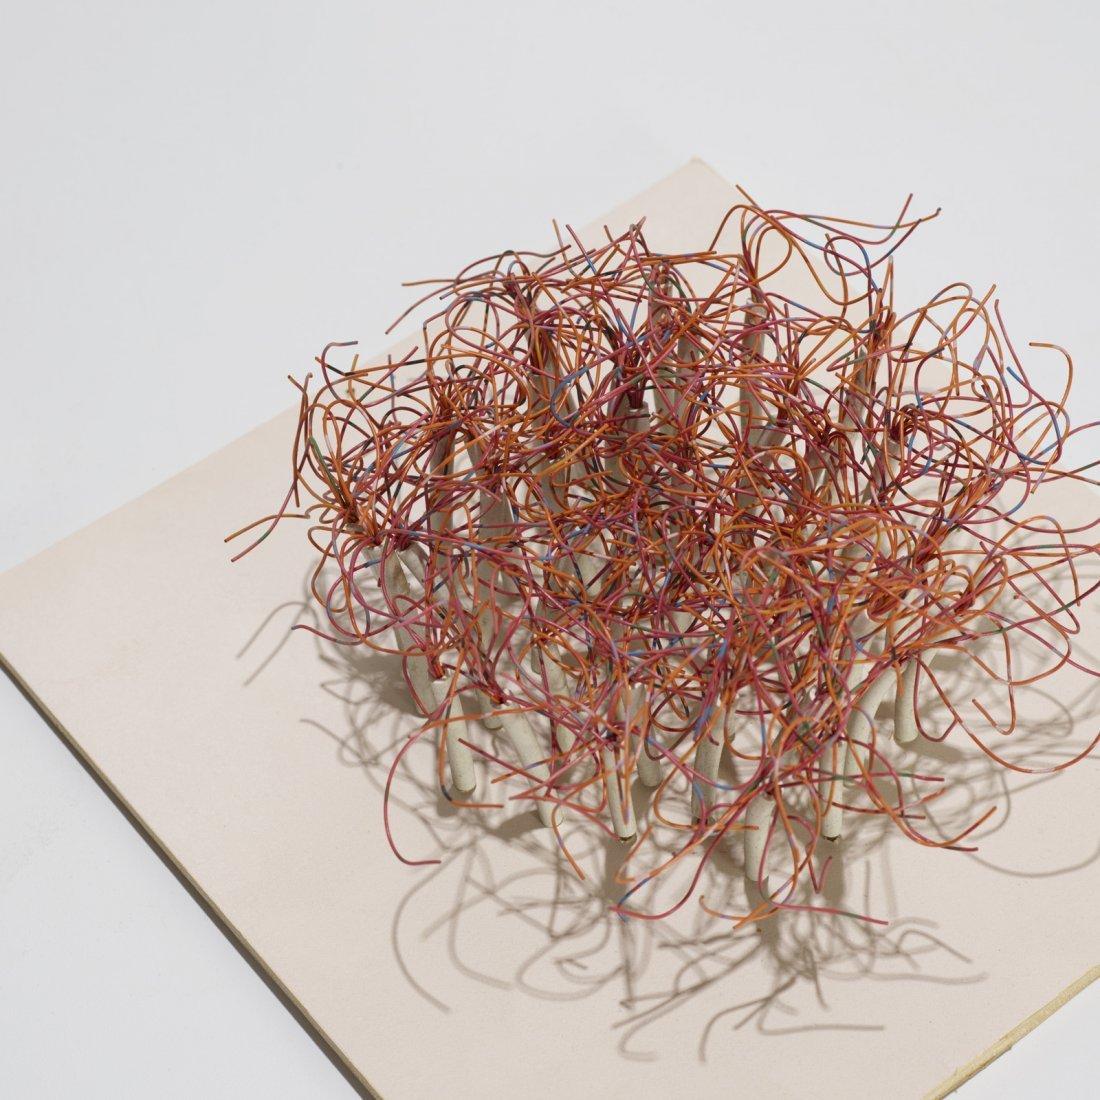 Irving Harper, Untitled - 2